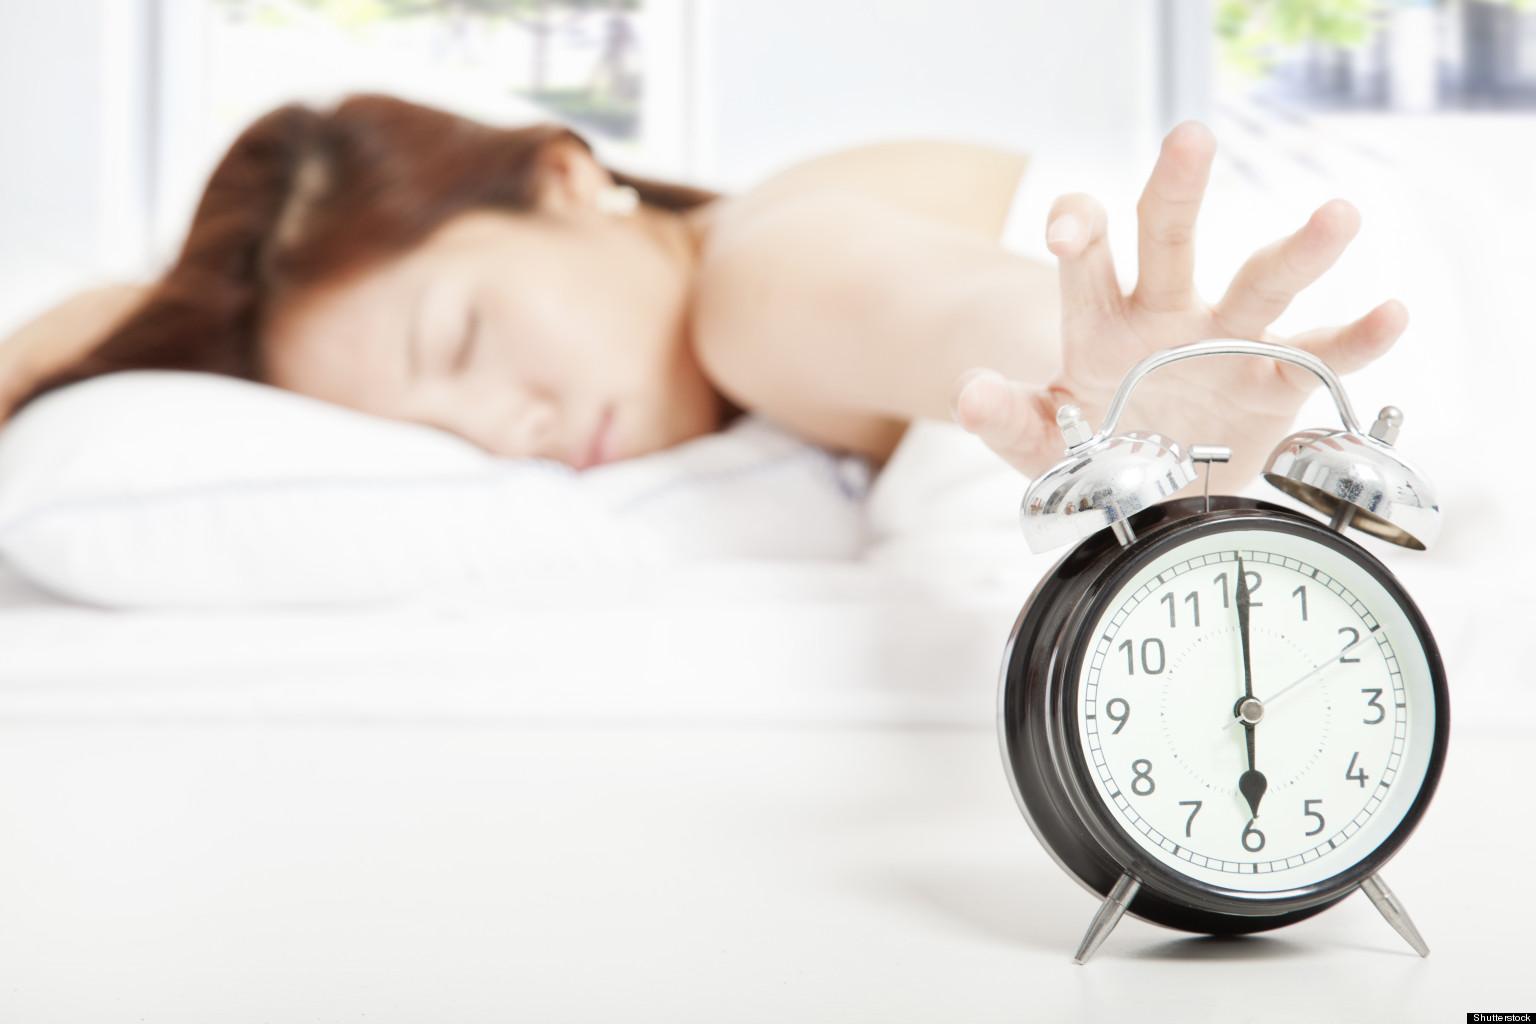 Как быстро и легко просыпаться по утрам : учимся вставать рано утром без 46